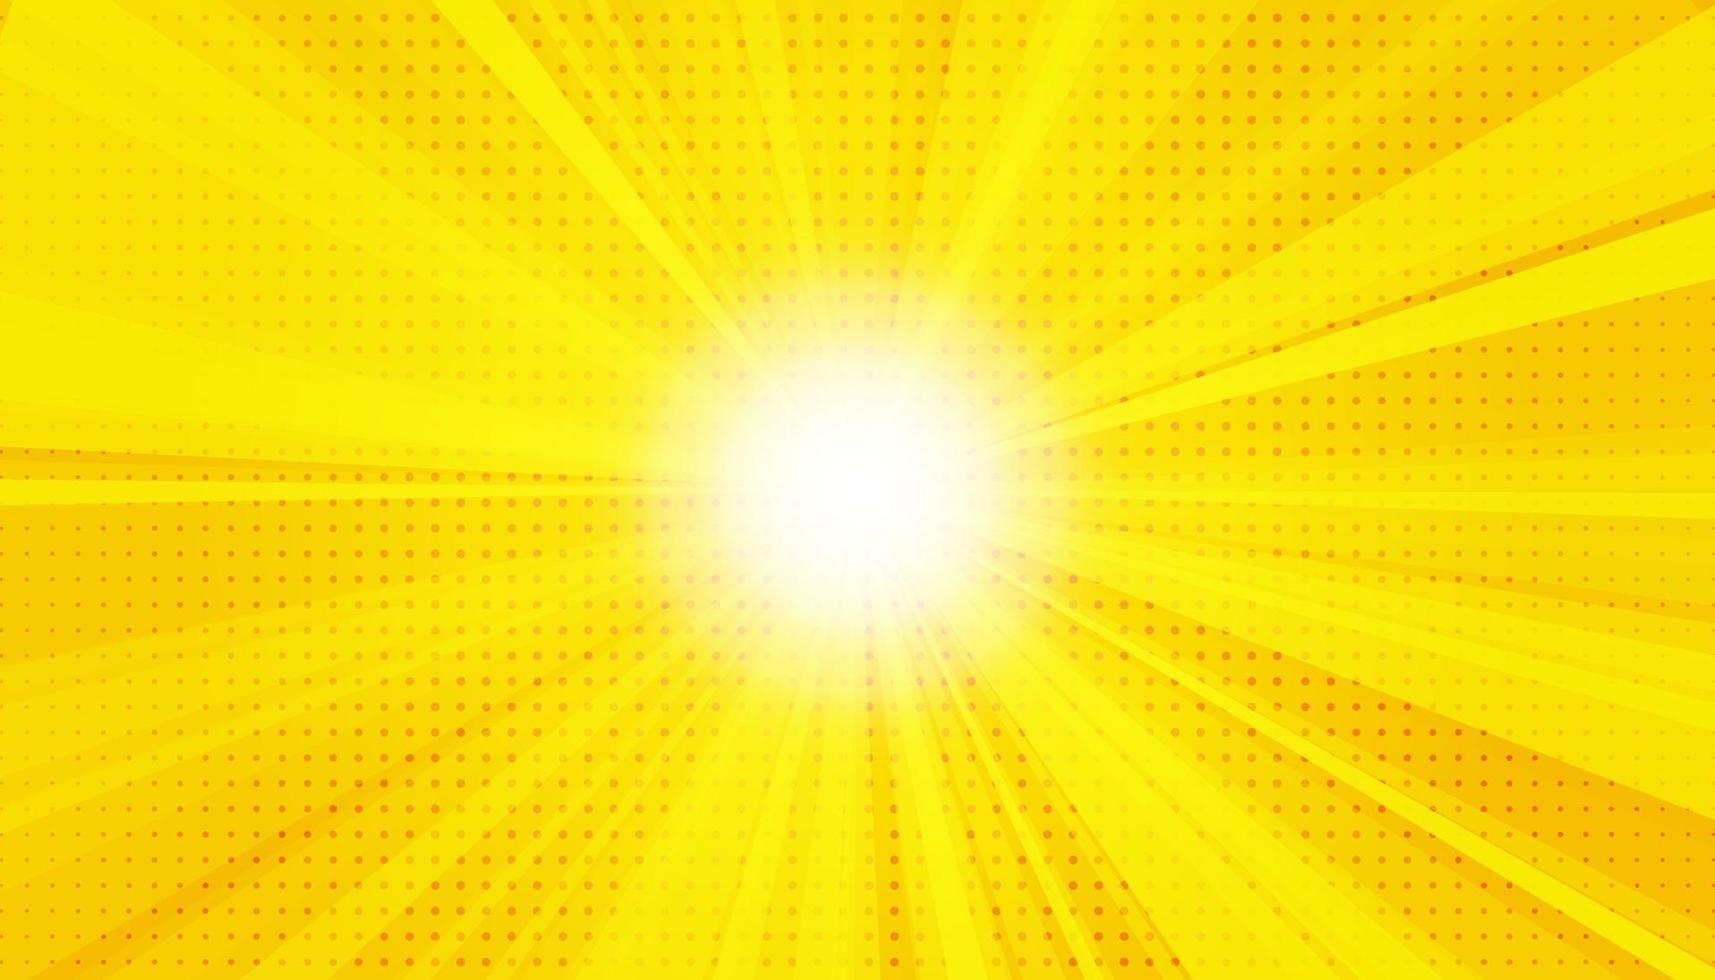 gul sanny strålar bakgrund. gnistrande magiska dammpartiklar. vektor illustration.